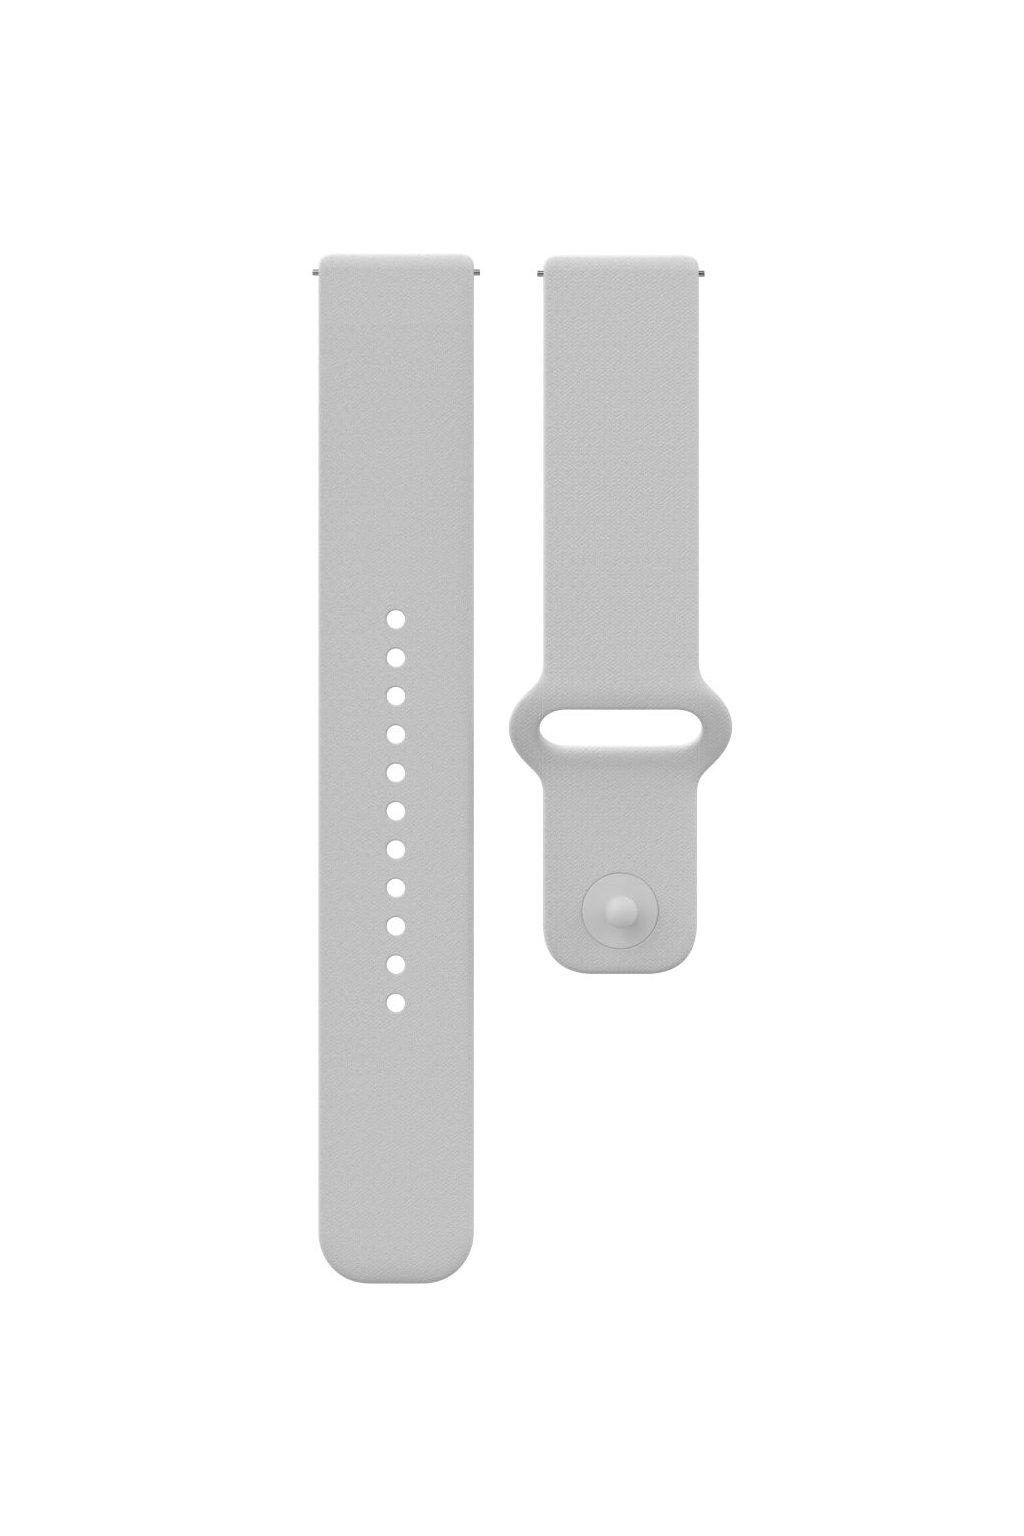 Polar Unite accessory silicone wristband white